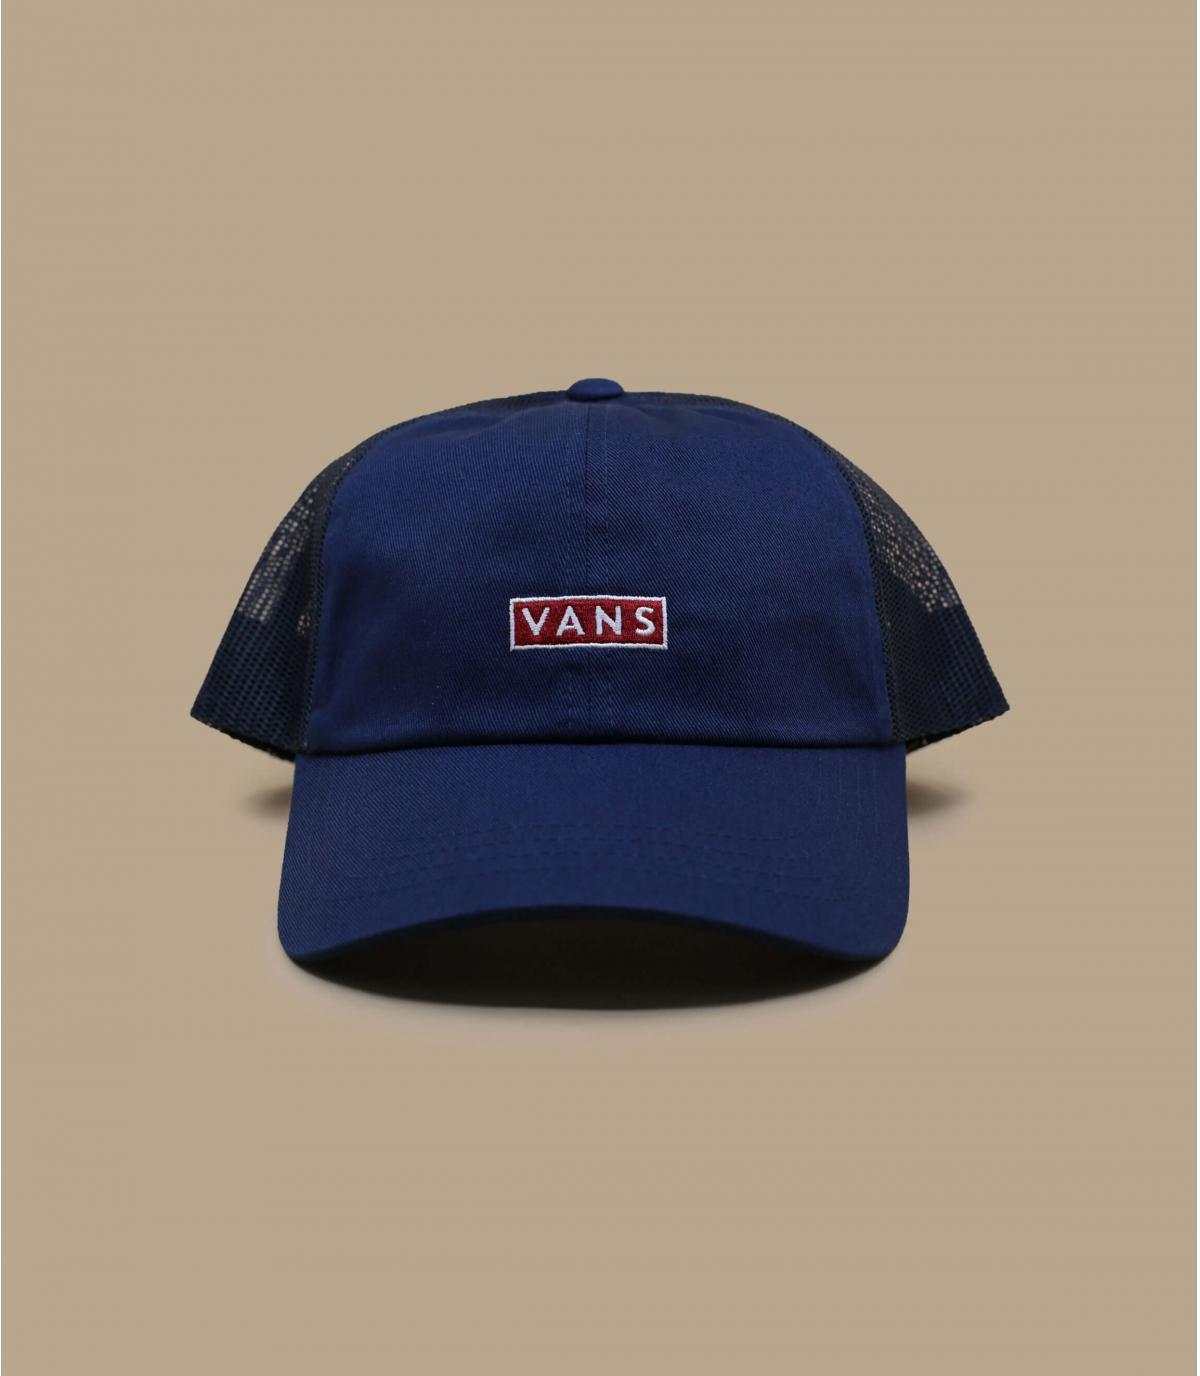 Blauwe Vans trucker